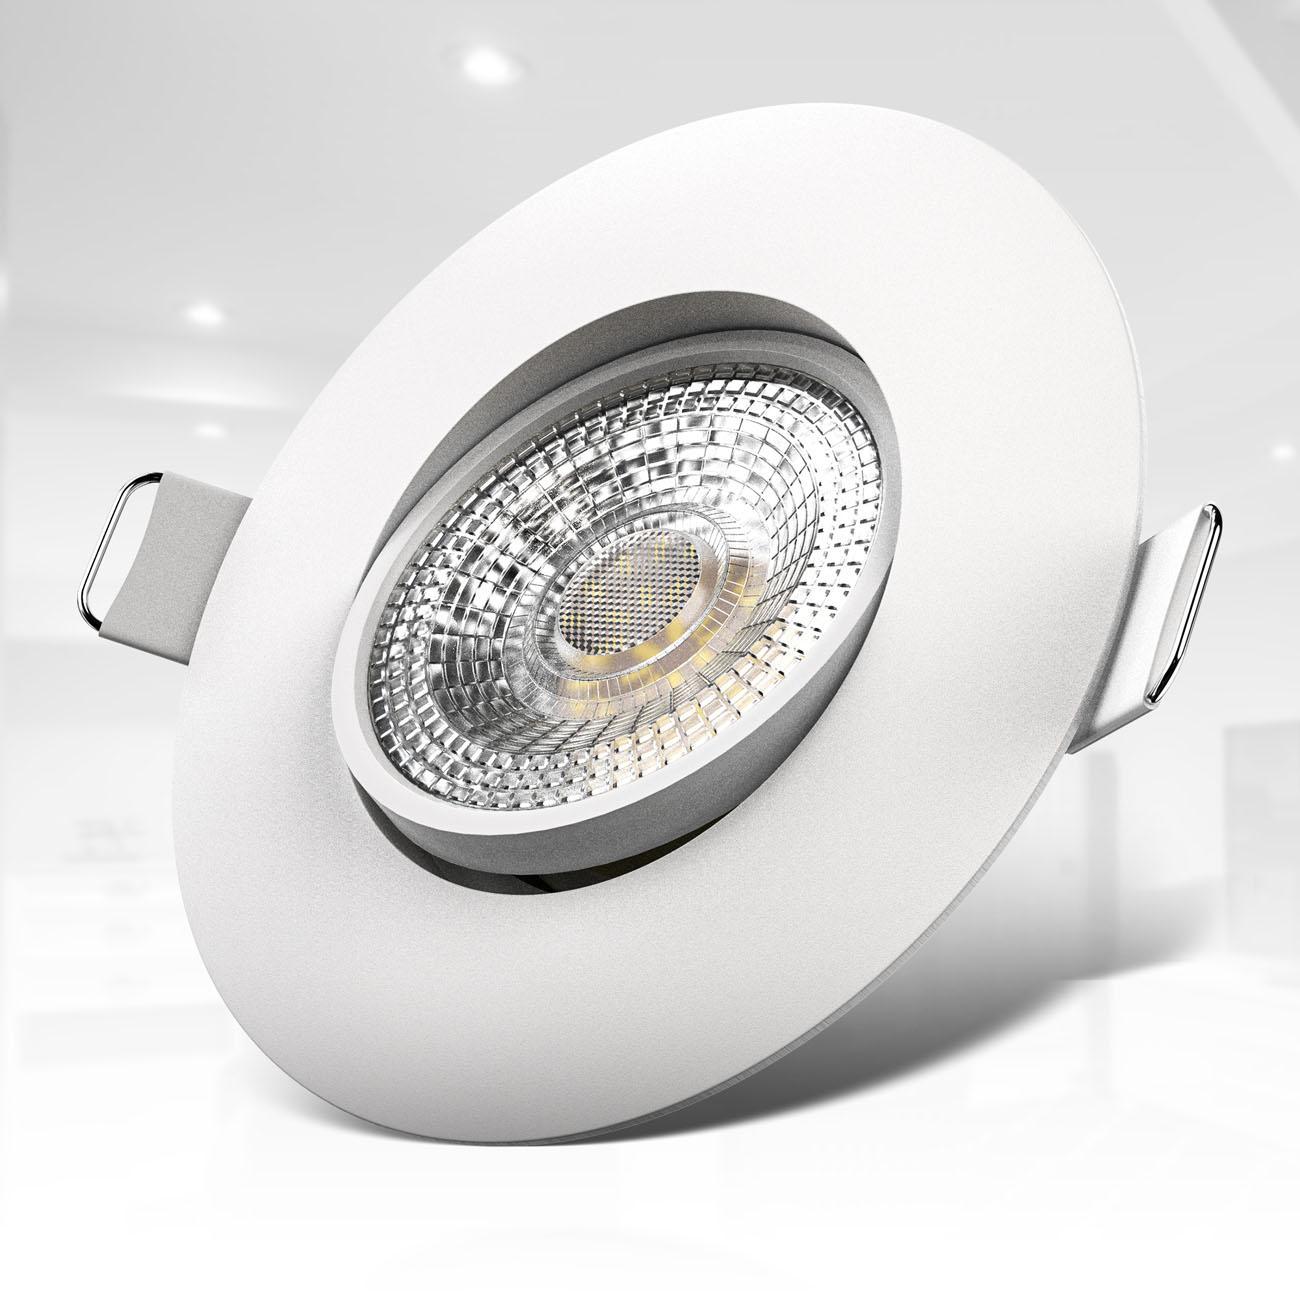 LED Einbaustrahler | Einbauleuchte 6er SET | ultra flach 5W schwenkbar weiß - 4